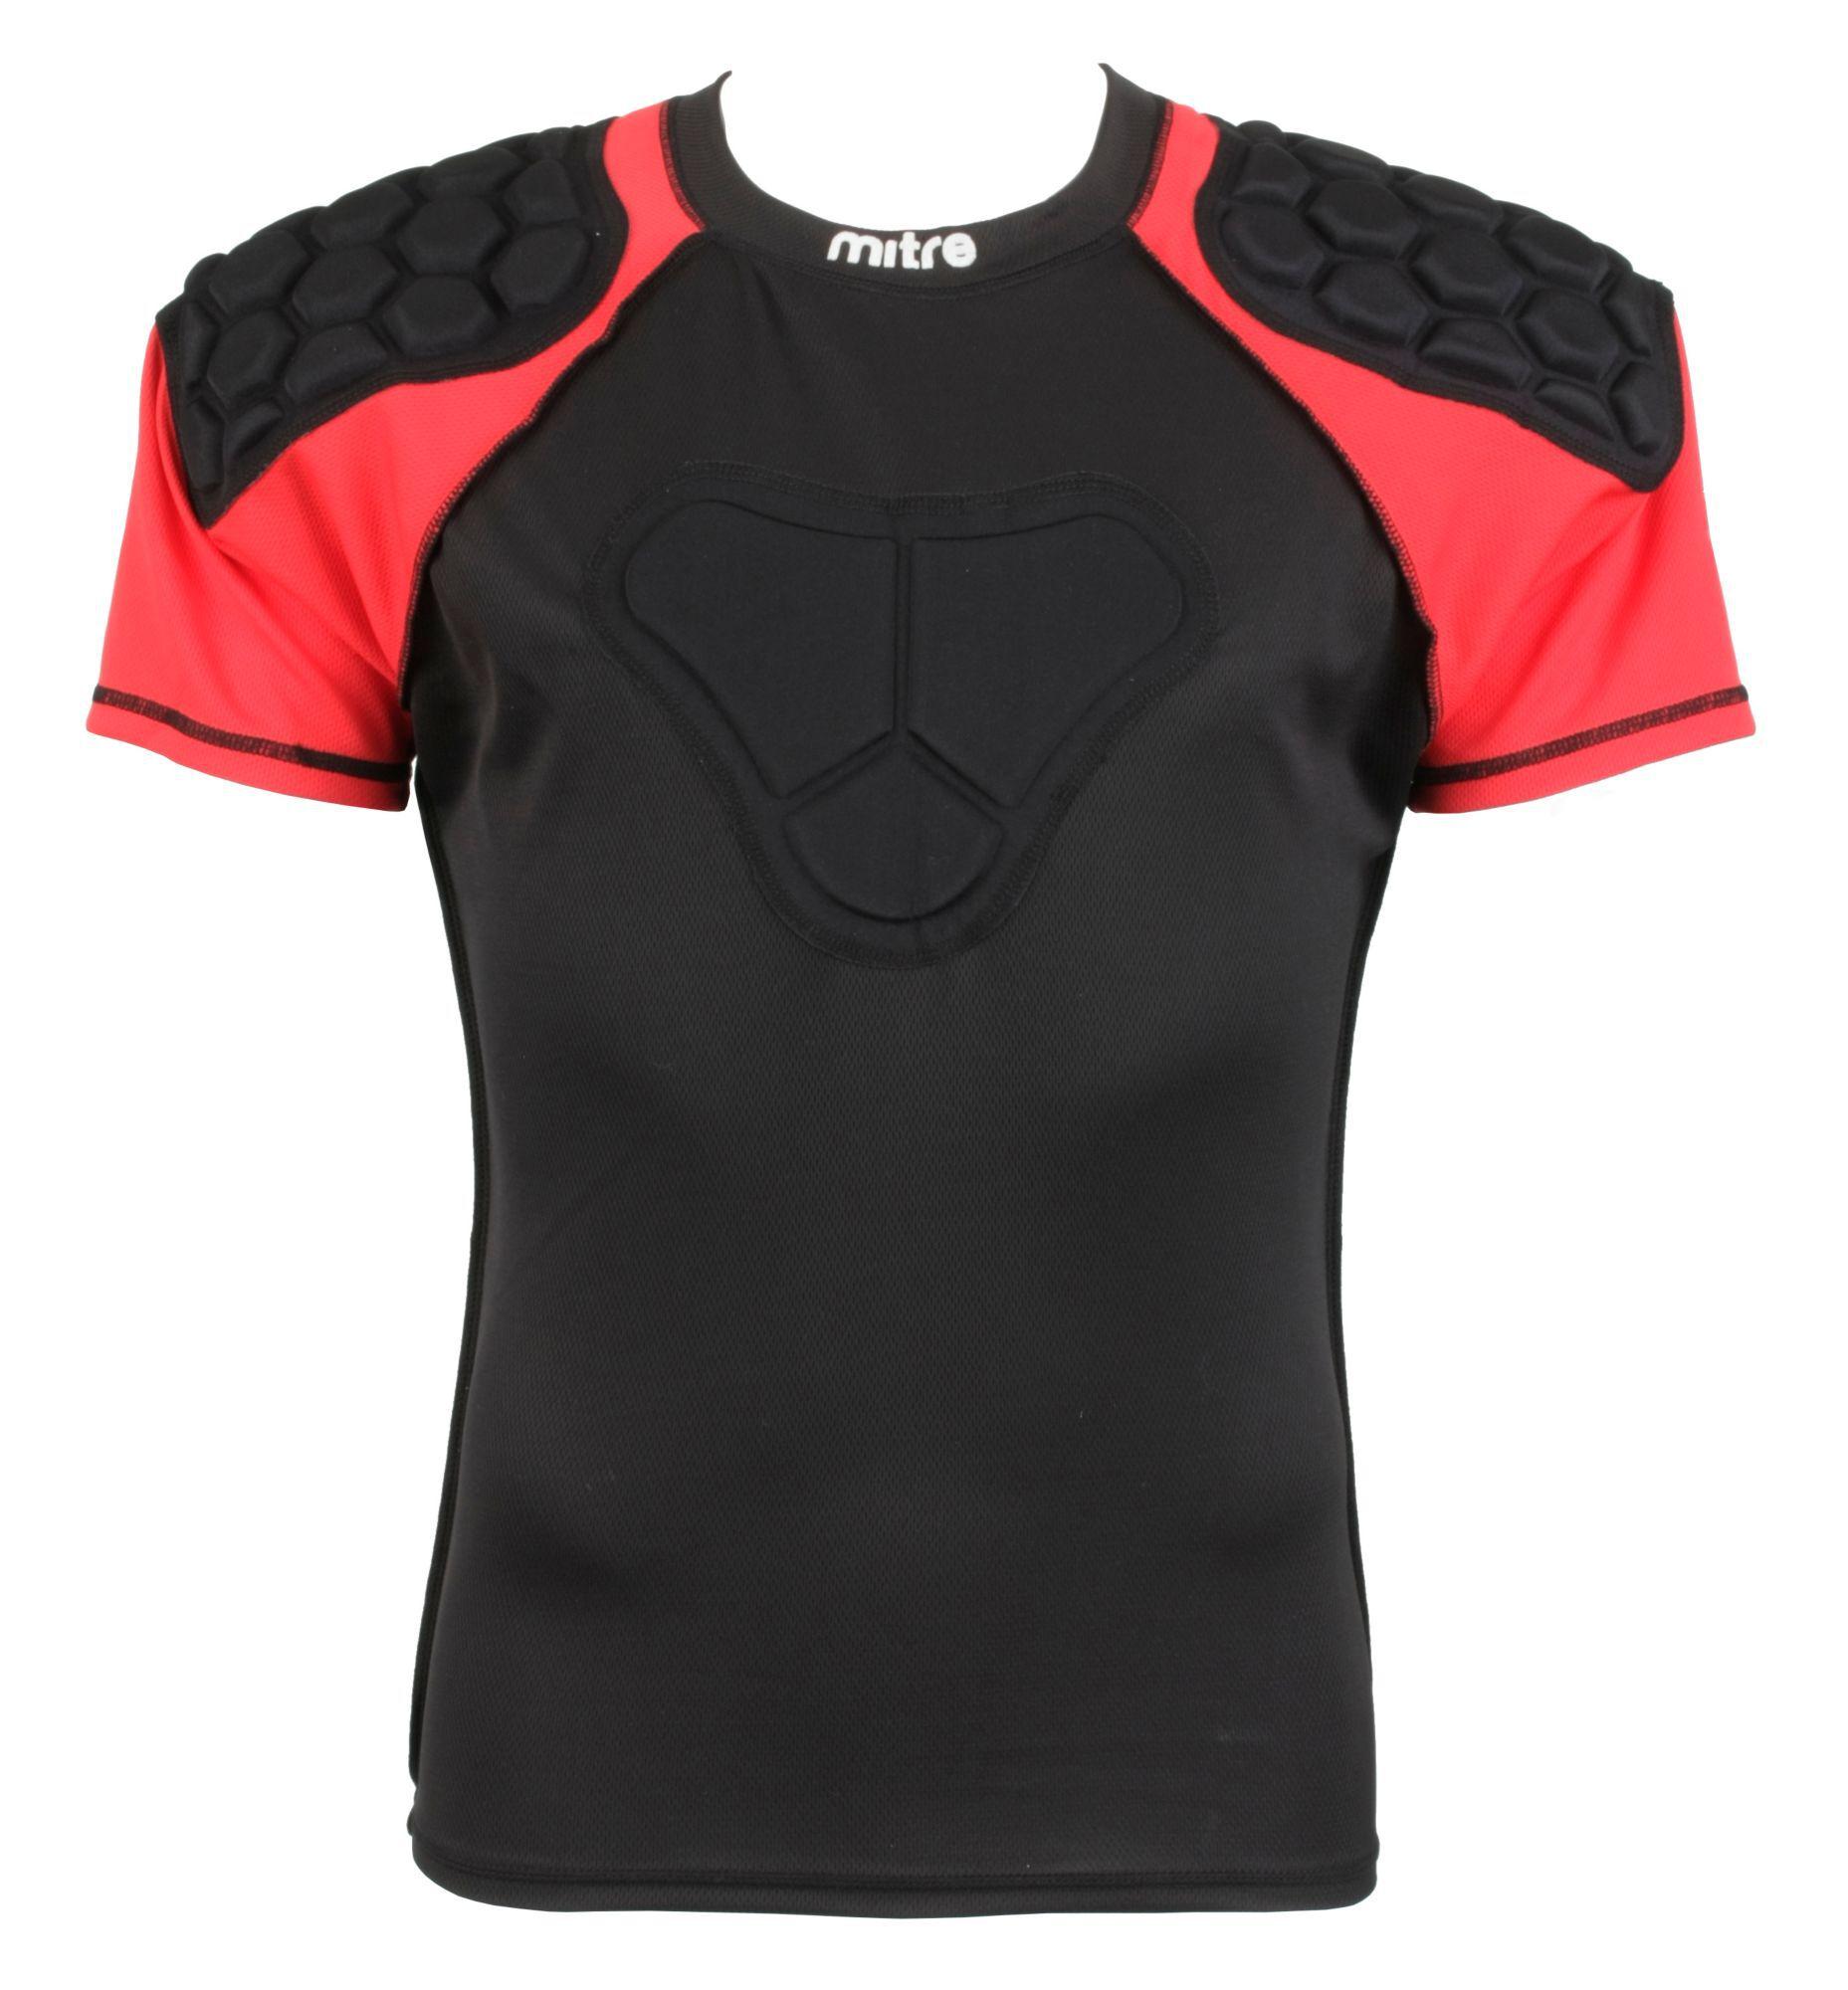 Negro Mitre Academy En Rugby Hombrera PolerasParis 1cKJTF3l